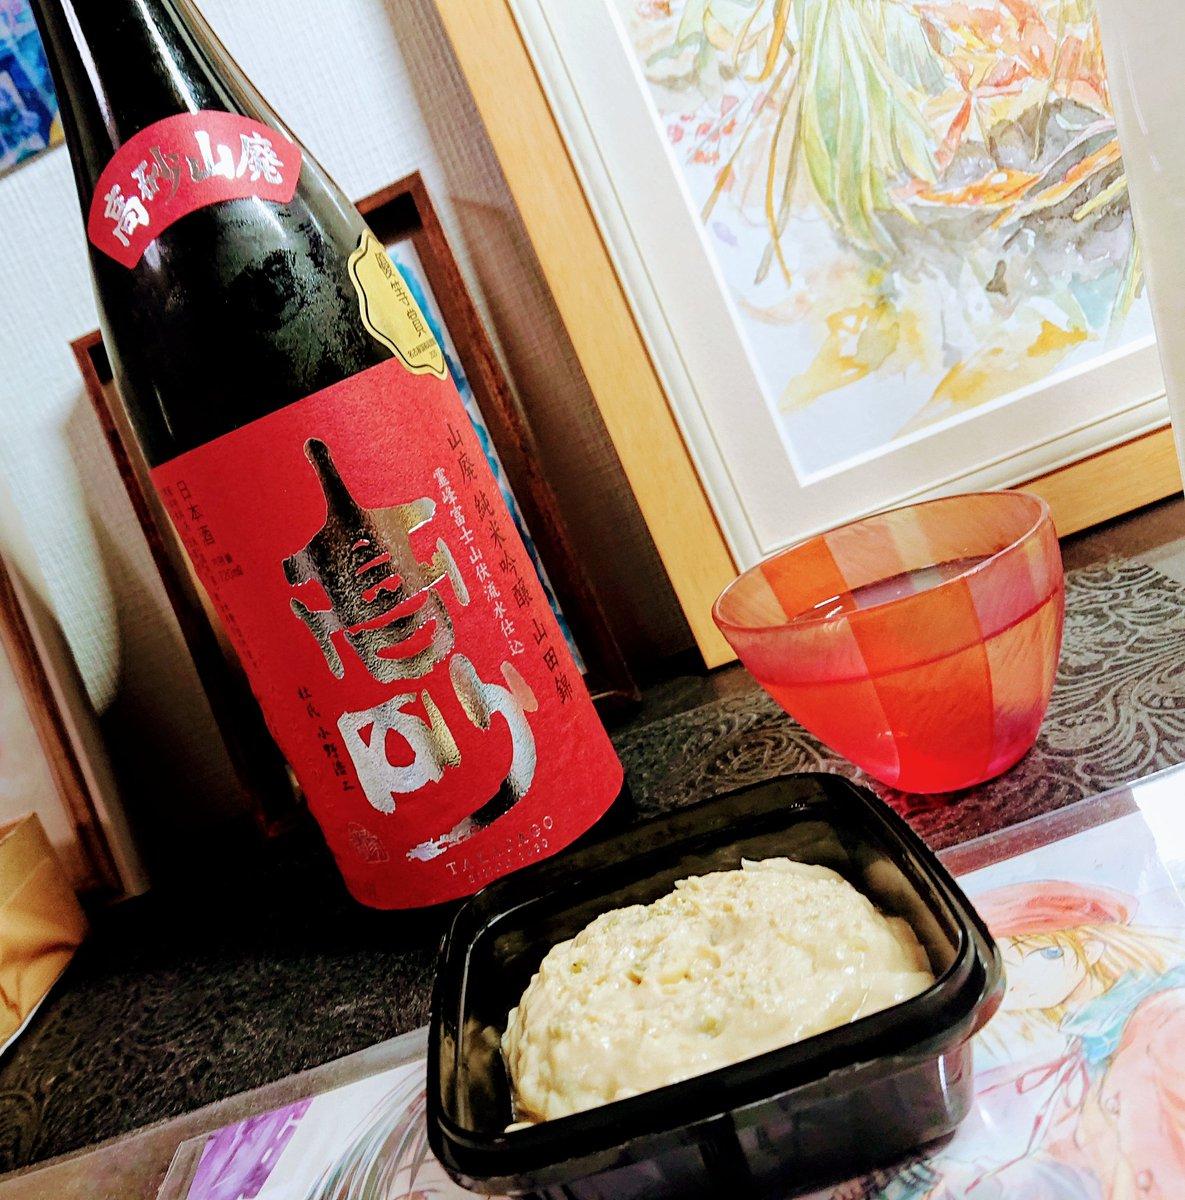 test ツイッターメディア - にじバラの影響を受けて、富士高砂酒造さんの山廃仕込純米吟醸と、田丸屋本店さんのわさび漬けを買ってきた。このお酒めっちゃ飲みやすいね。お米のいい香りと甘みが食欲を高めてくれる。わさび漬けの辛みとお酒の甘みが凄く合う。美味しい。 https://t.co/WOQE2dLf2H